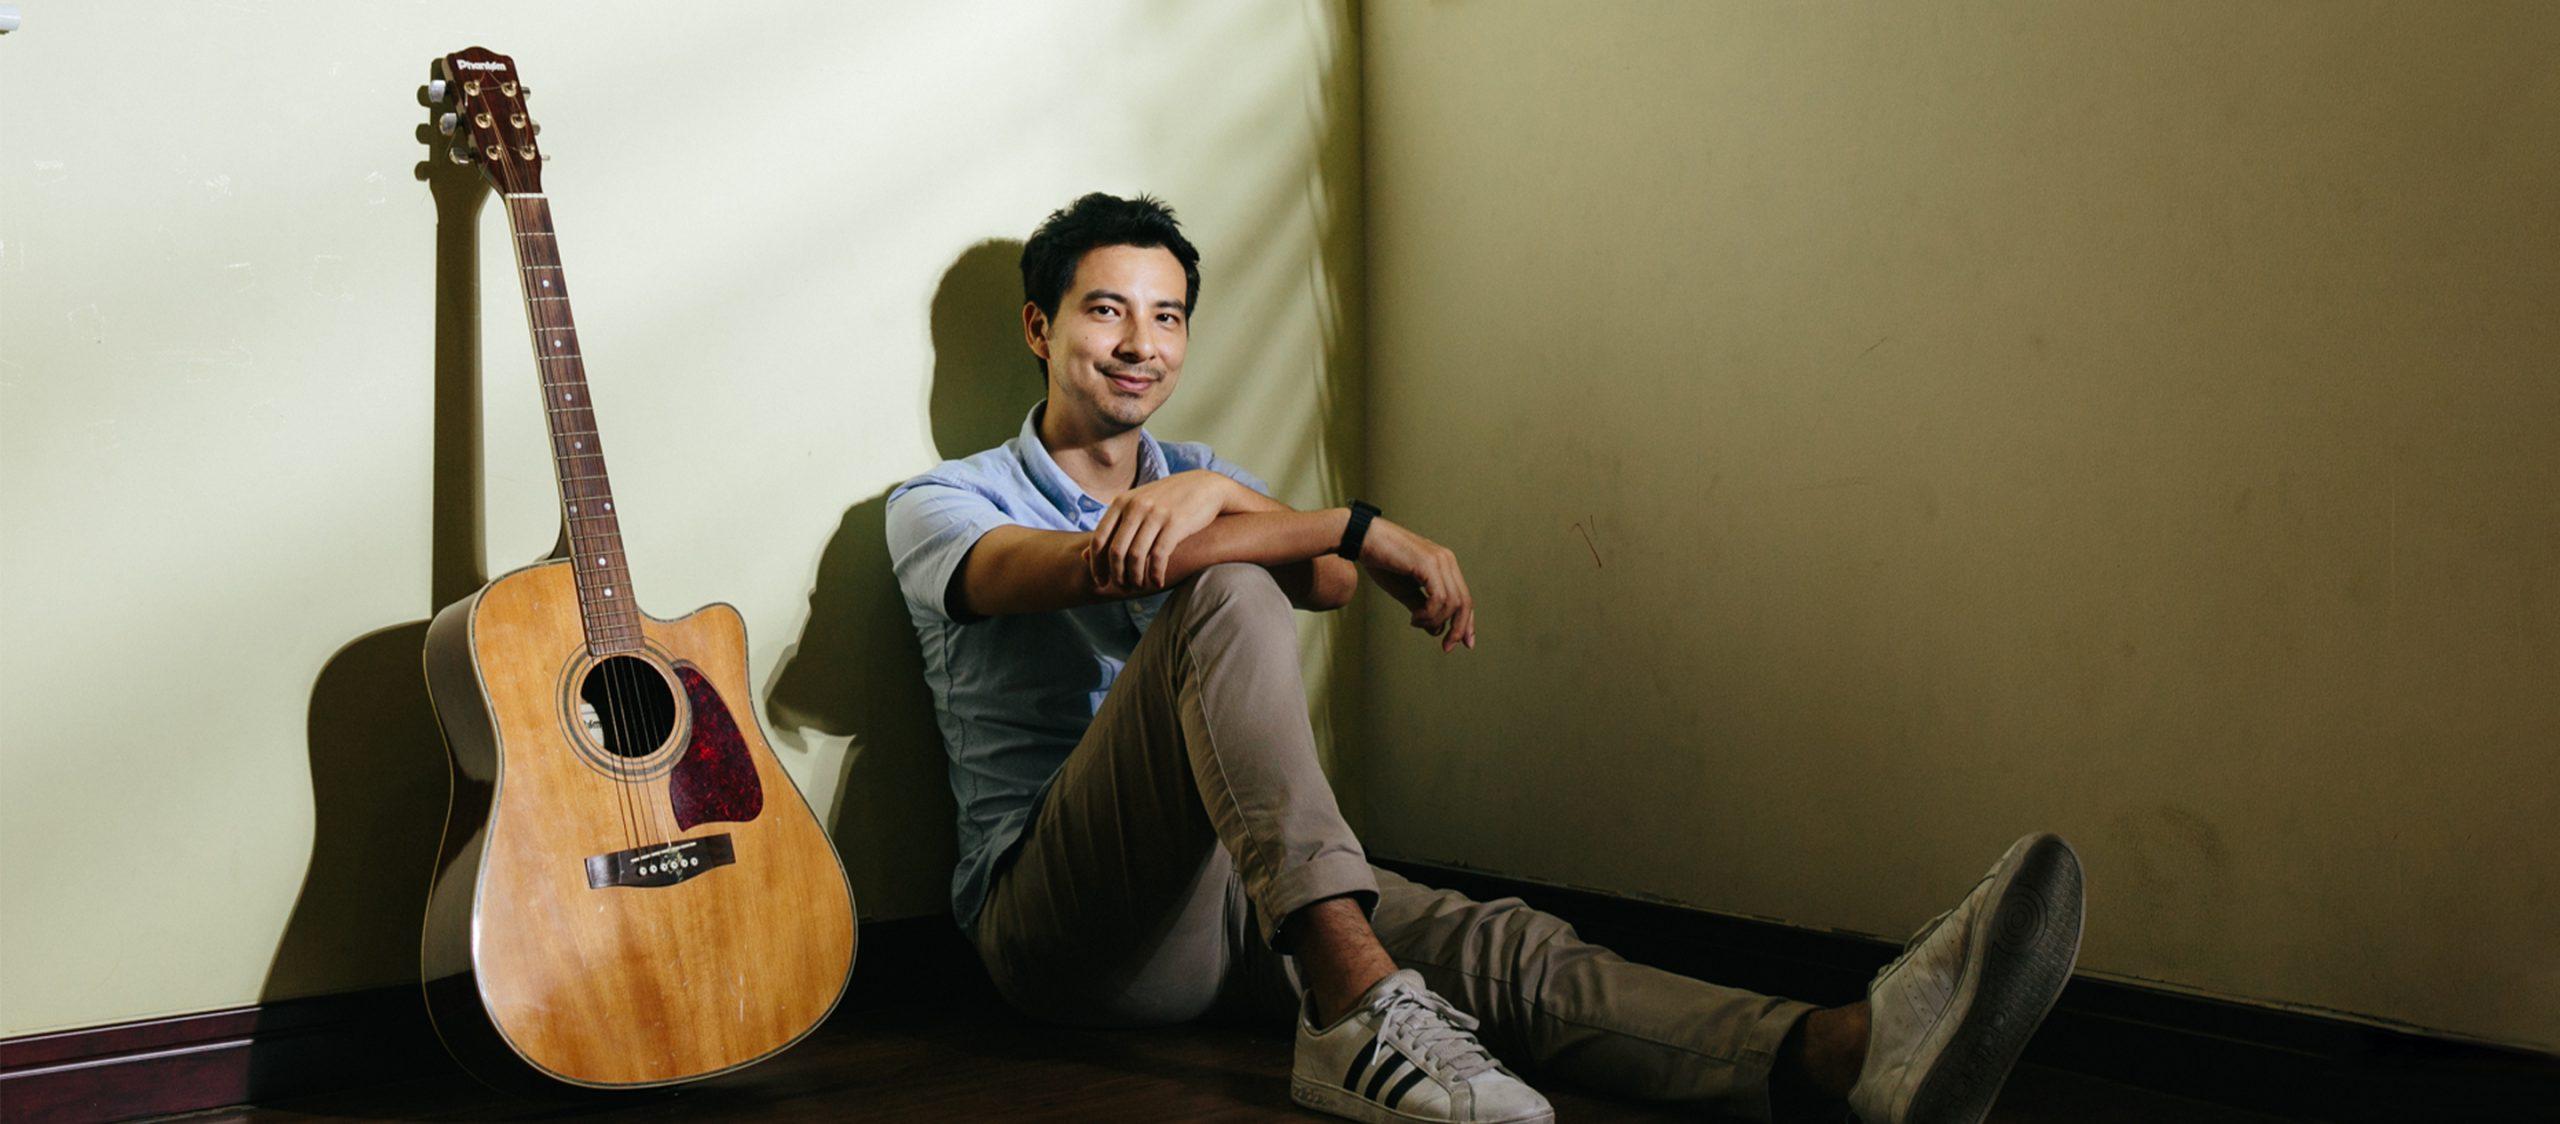 โจเซฟ ซามูดิโอ นักดนตรีบำบัดที่เชื่อว่าดนตรีใช้สื่อสารความรู้สึกถึงกันและกันได้